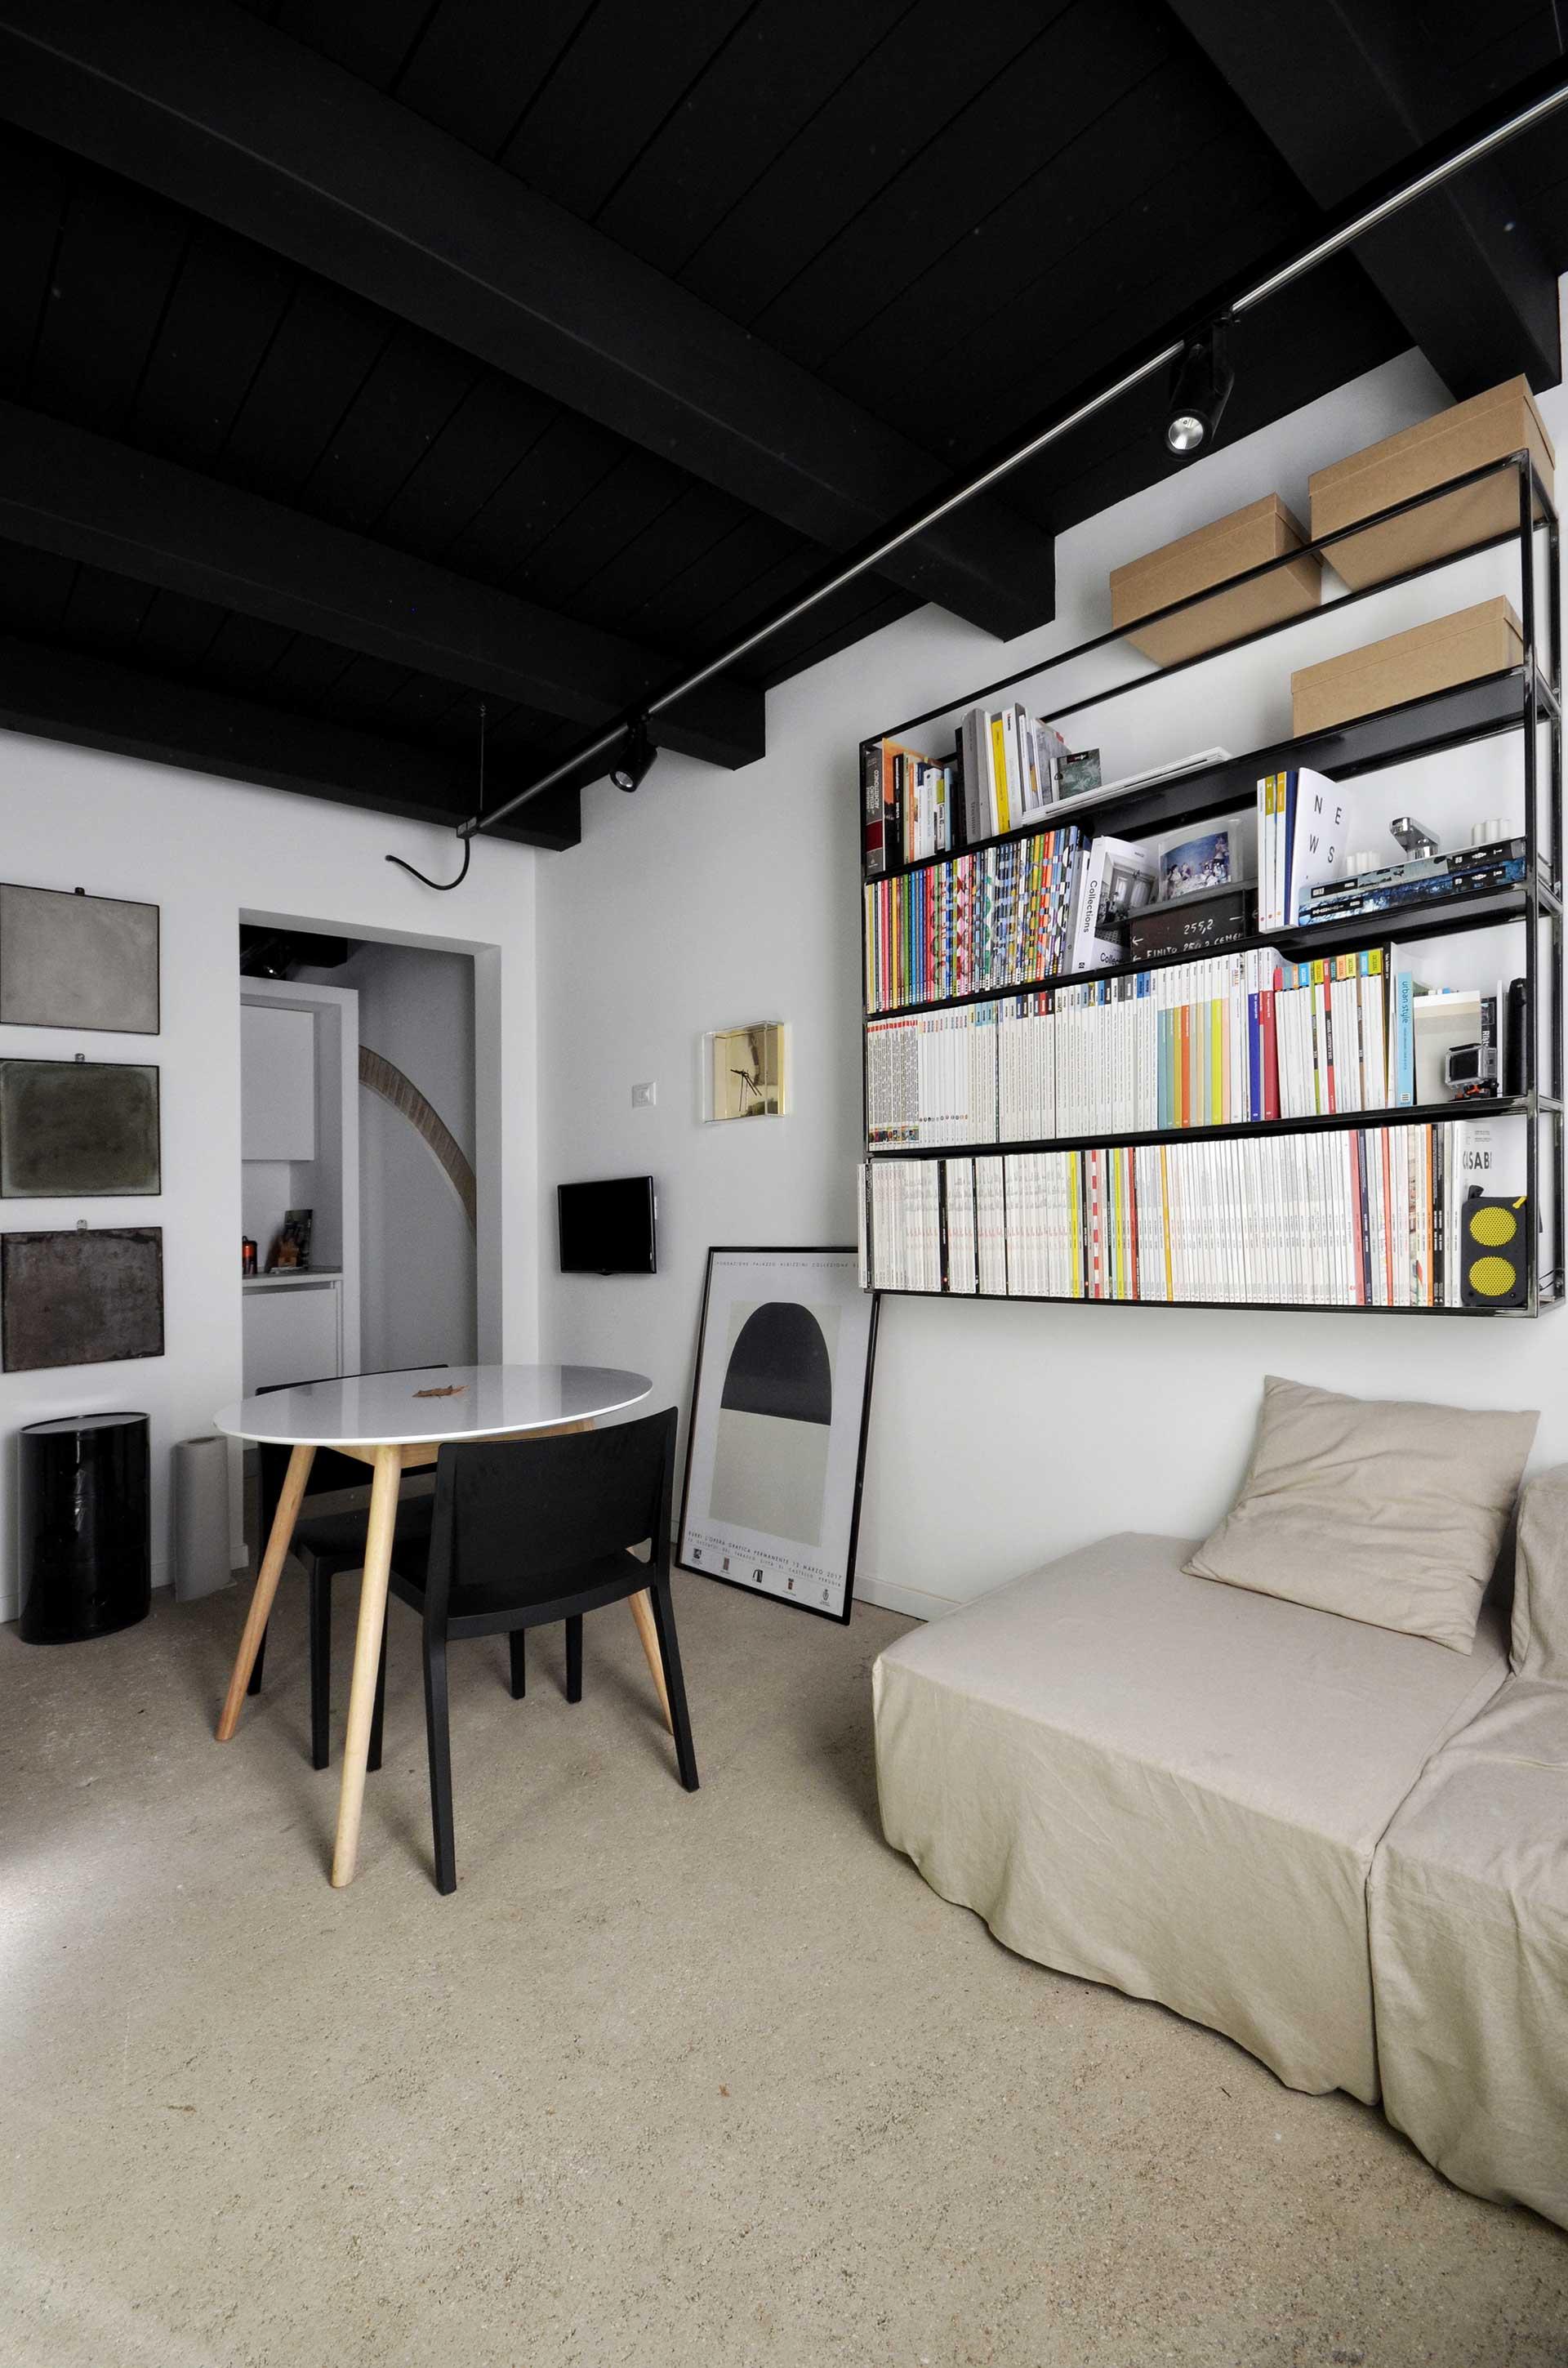 casa CM127. veduta della libreria in ferro disegnata dall'architetto Francesco Valentini e della zona divani.